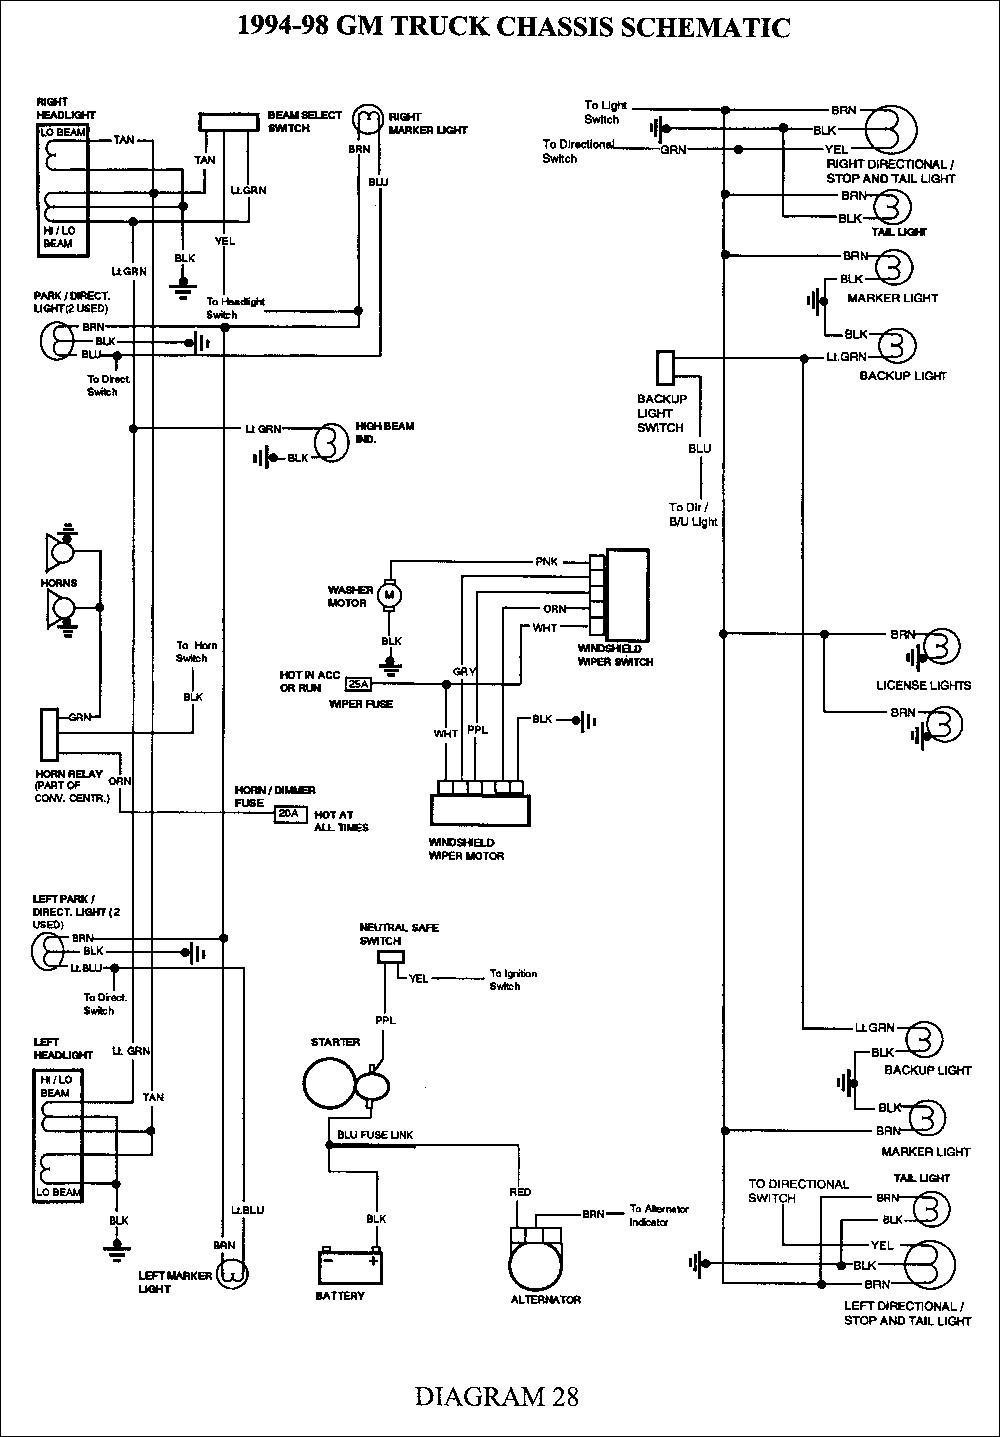 34 2002 Chevy Silverado Stereo Wiring Diagram